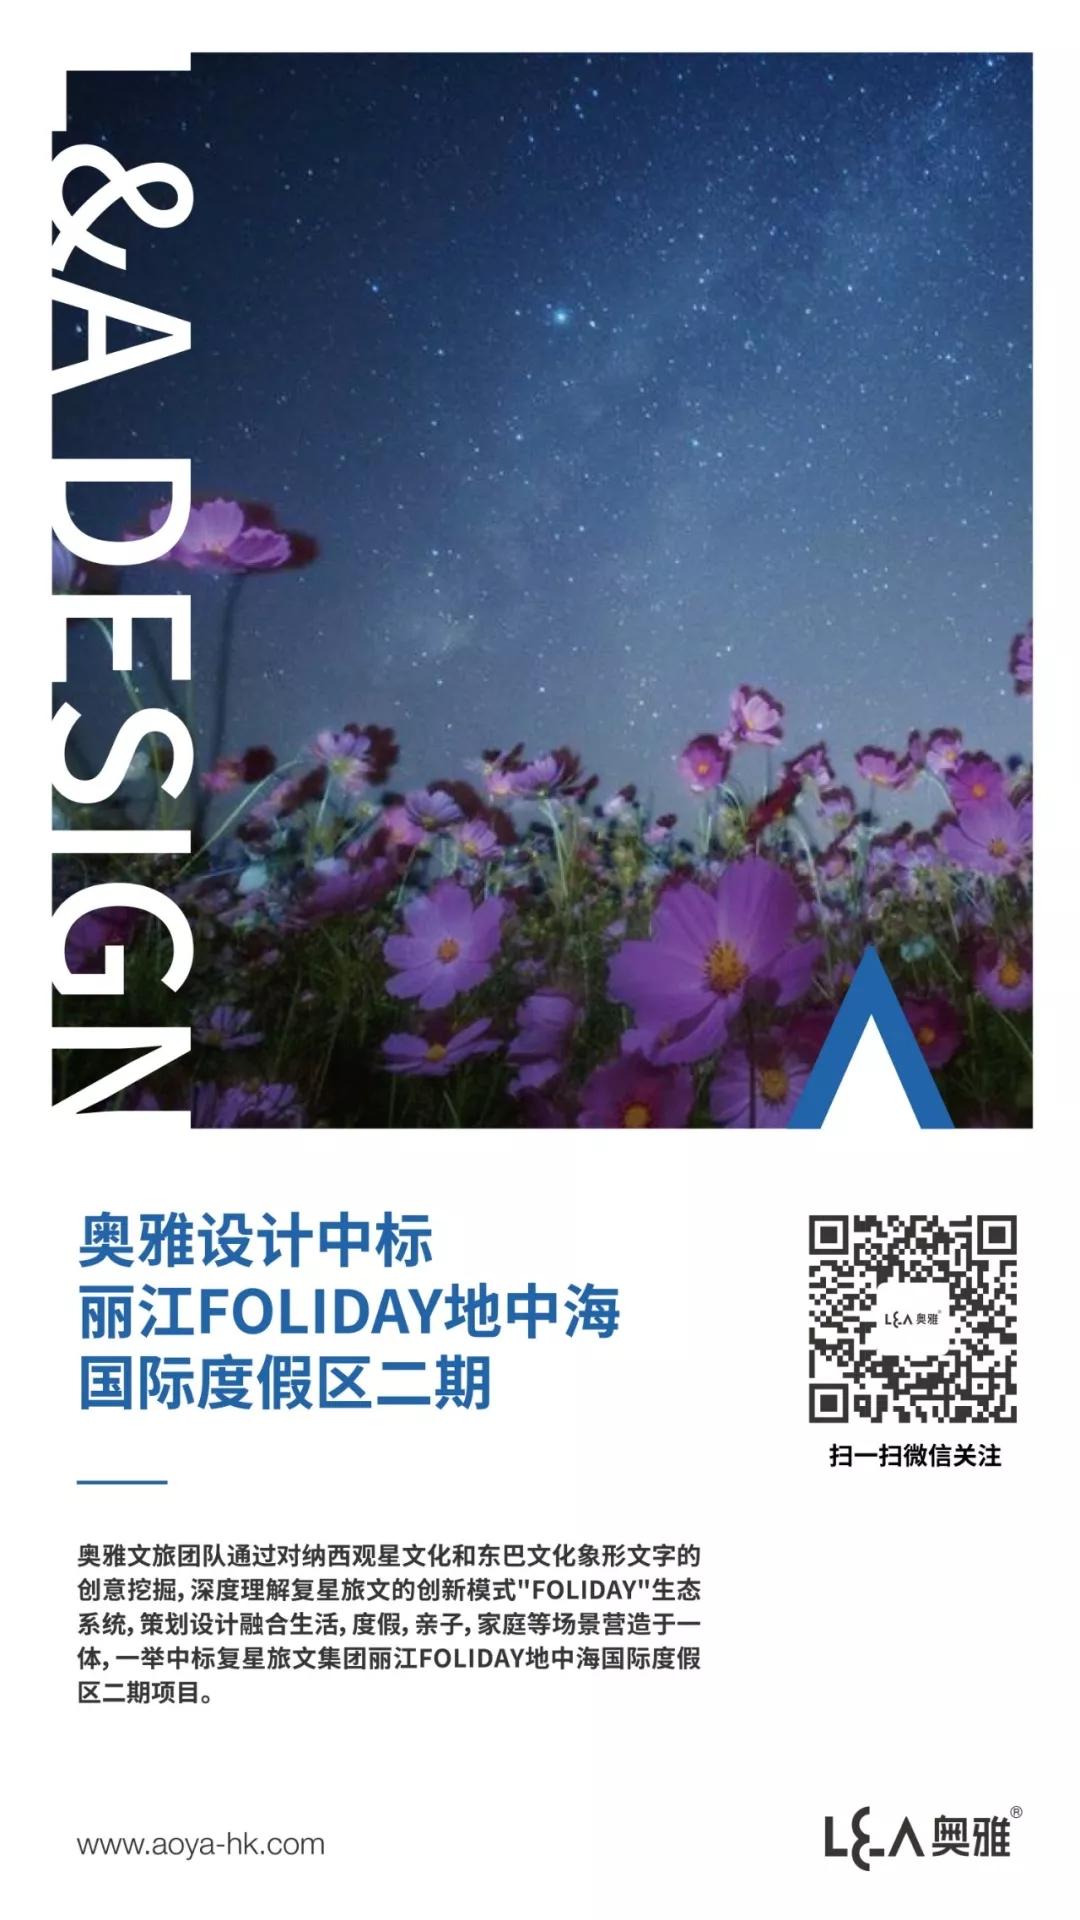 奥雅设计中标丽江FOLIDAY地中海国际度假区二期